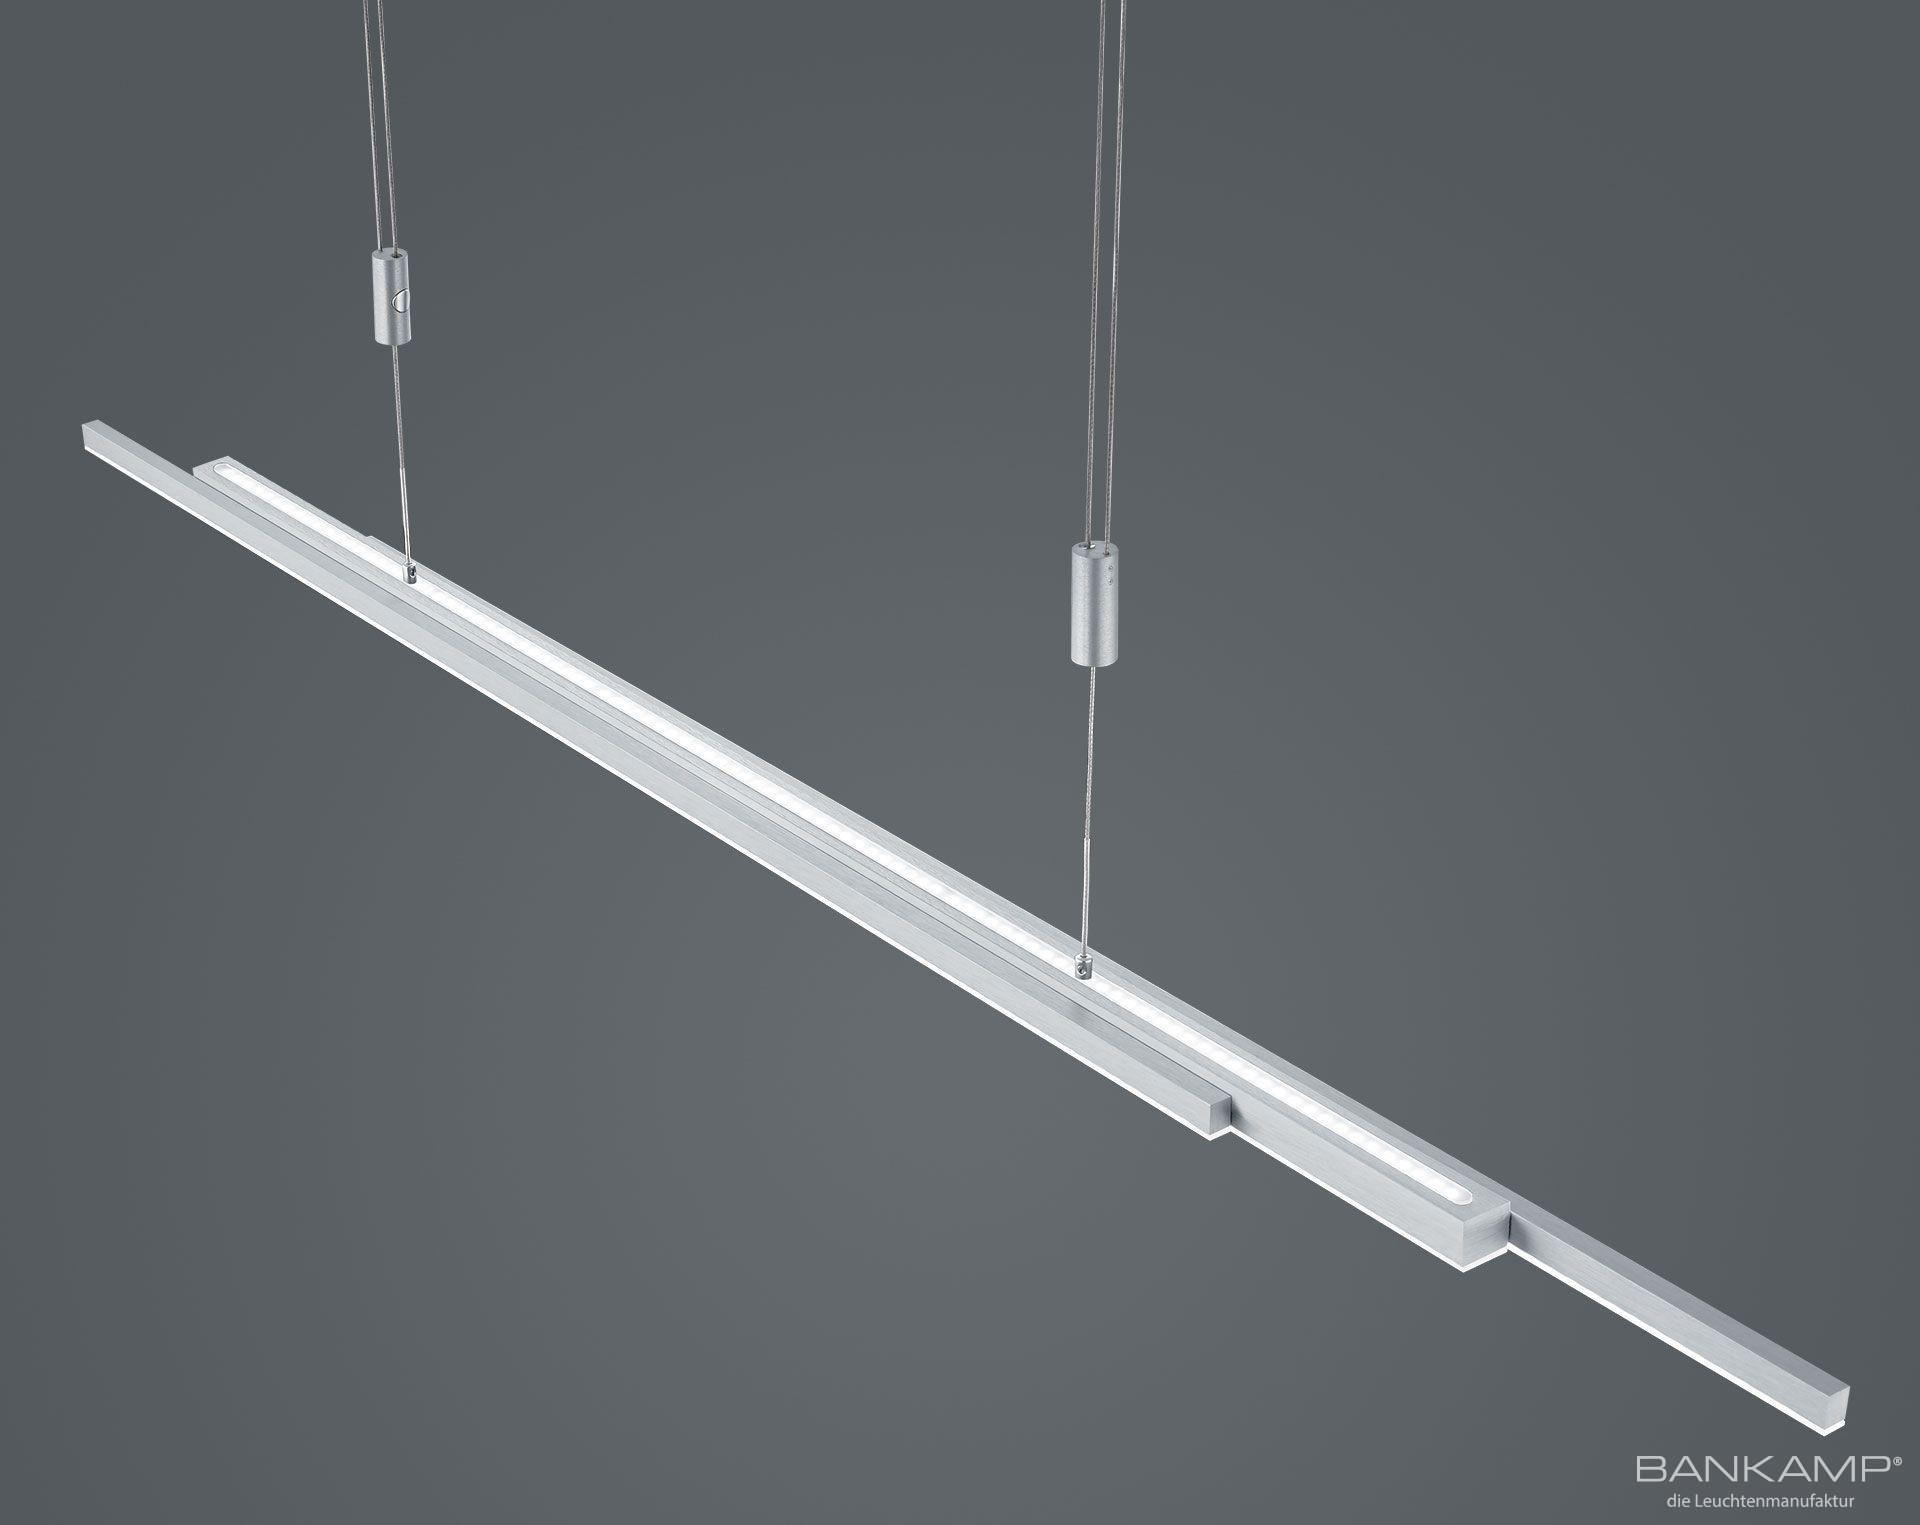 BANKAMP Leuchtenmanufaktur Artikel von BANKAMP Leuchtenmanufaktur LED-Pendelleuchte L-lightline/ up and down 2154/1-39